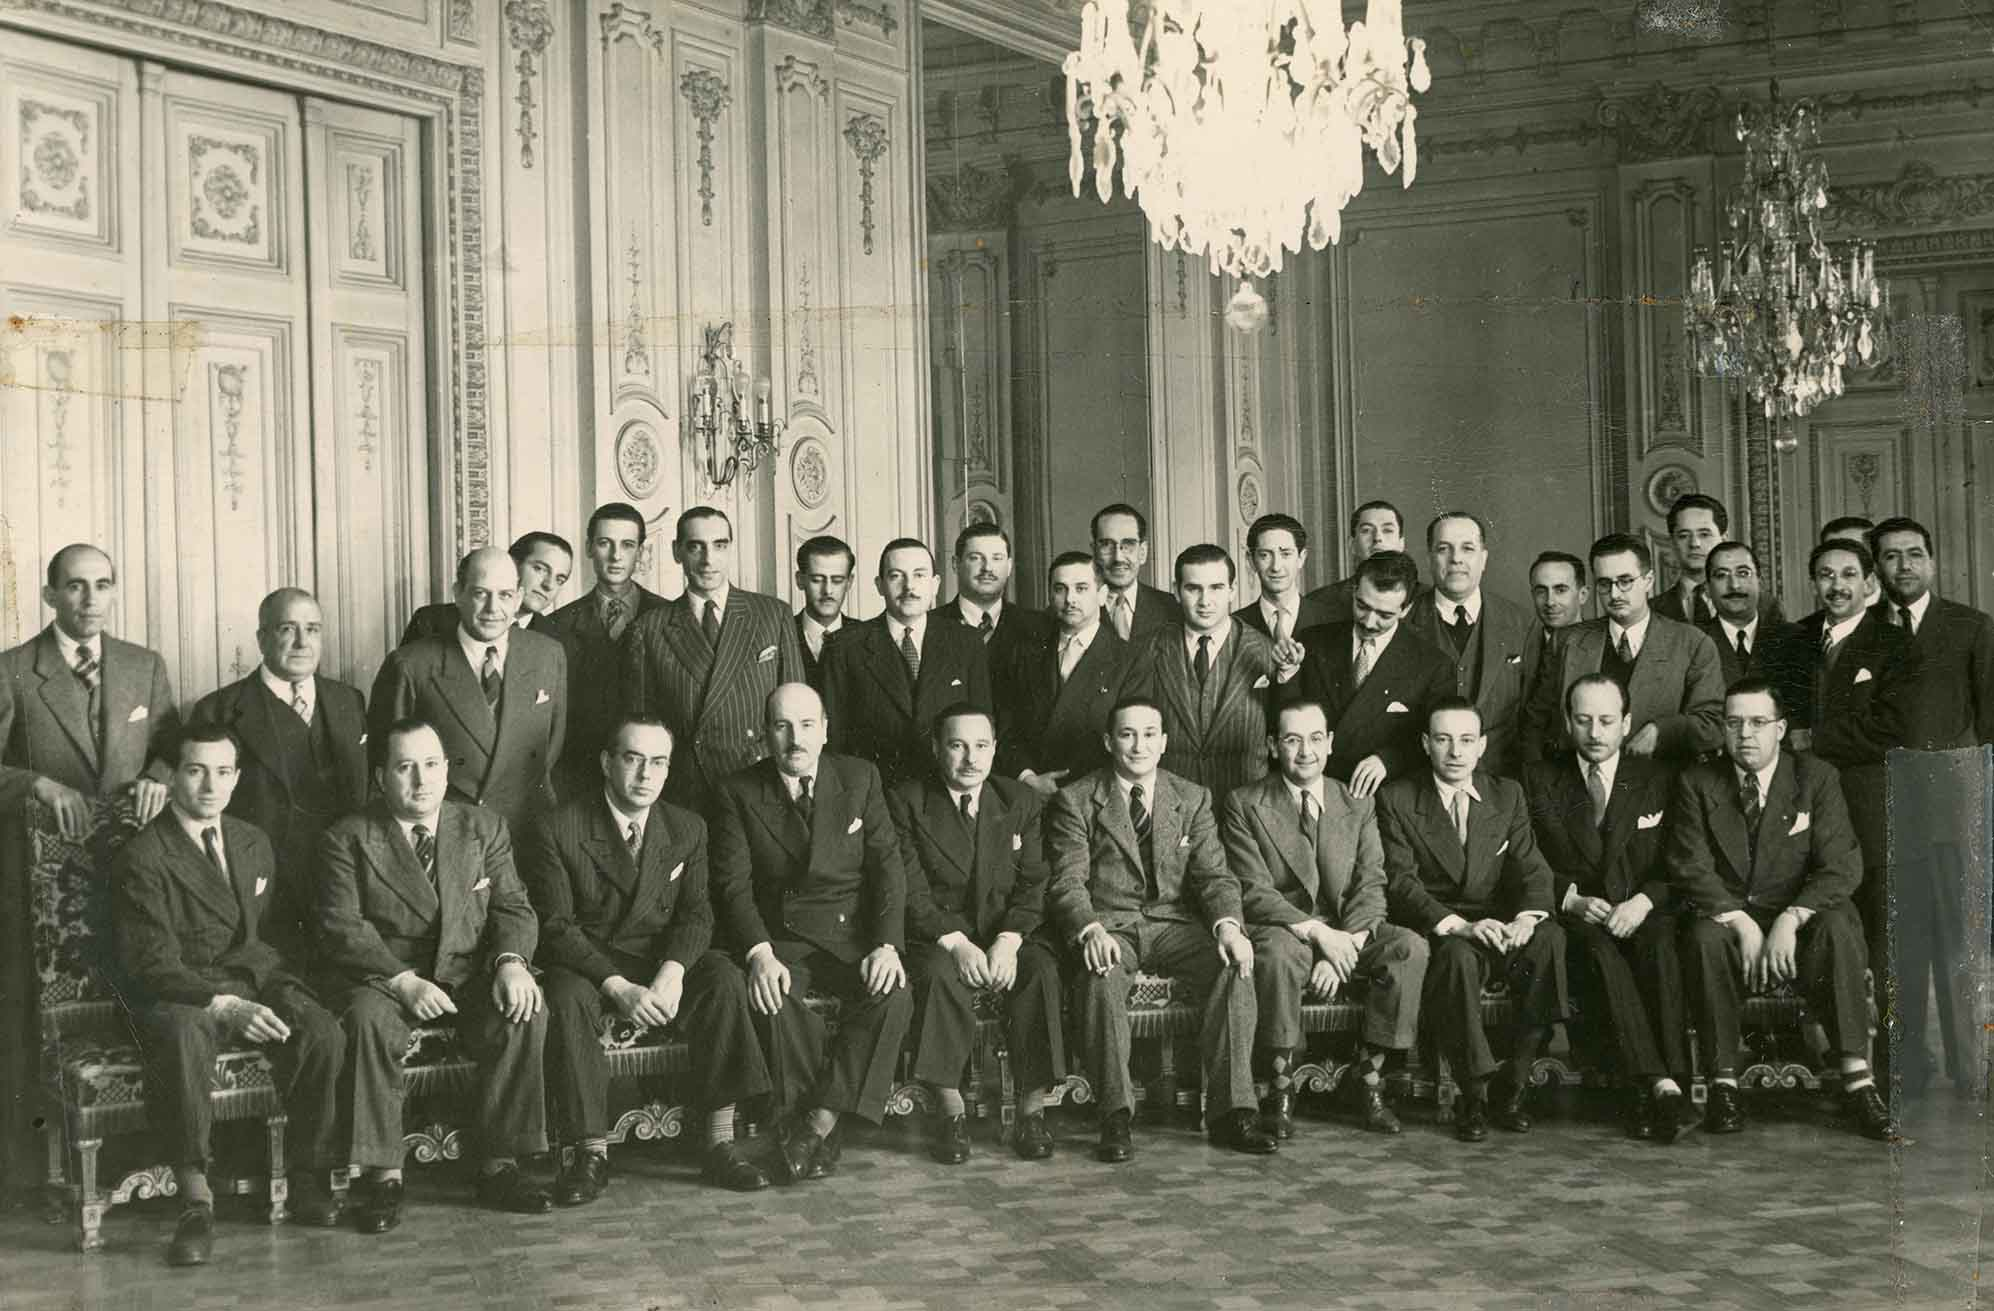 Enterreno - Fotos históricas de chile - fotos antiguas de Chile - Club de la Unión, Santiago, 1947